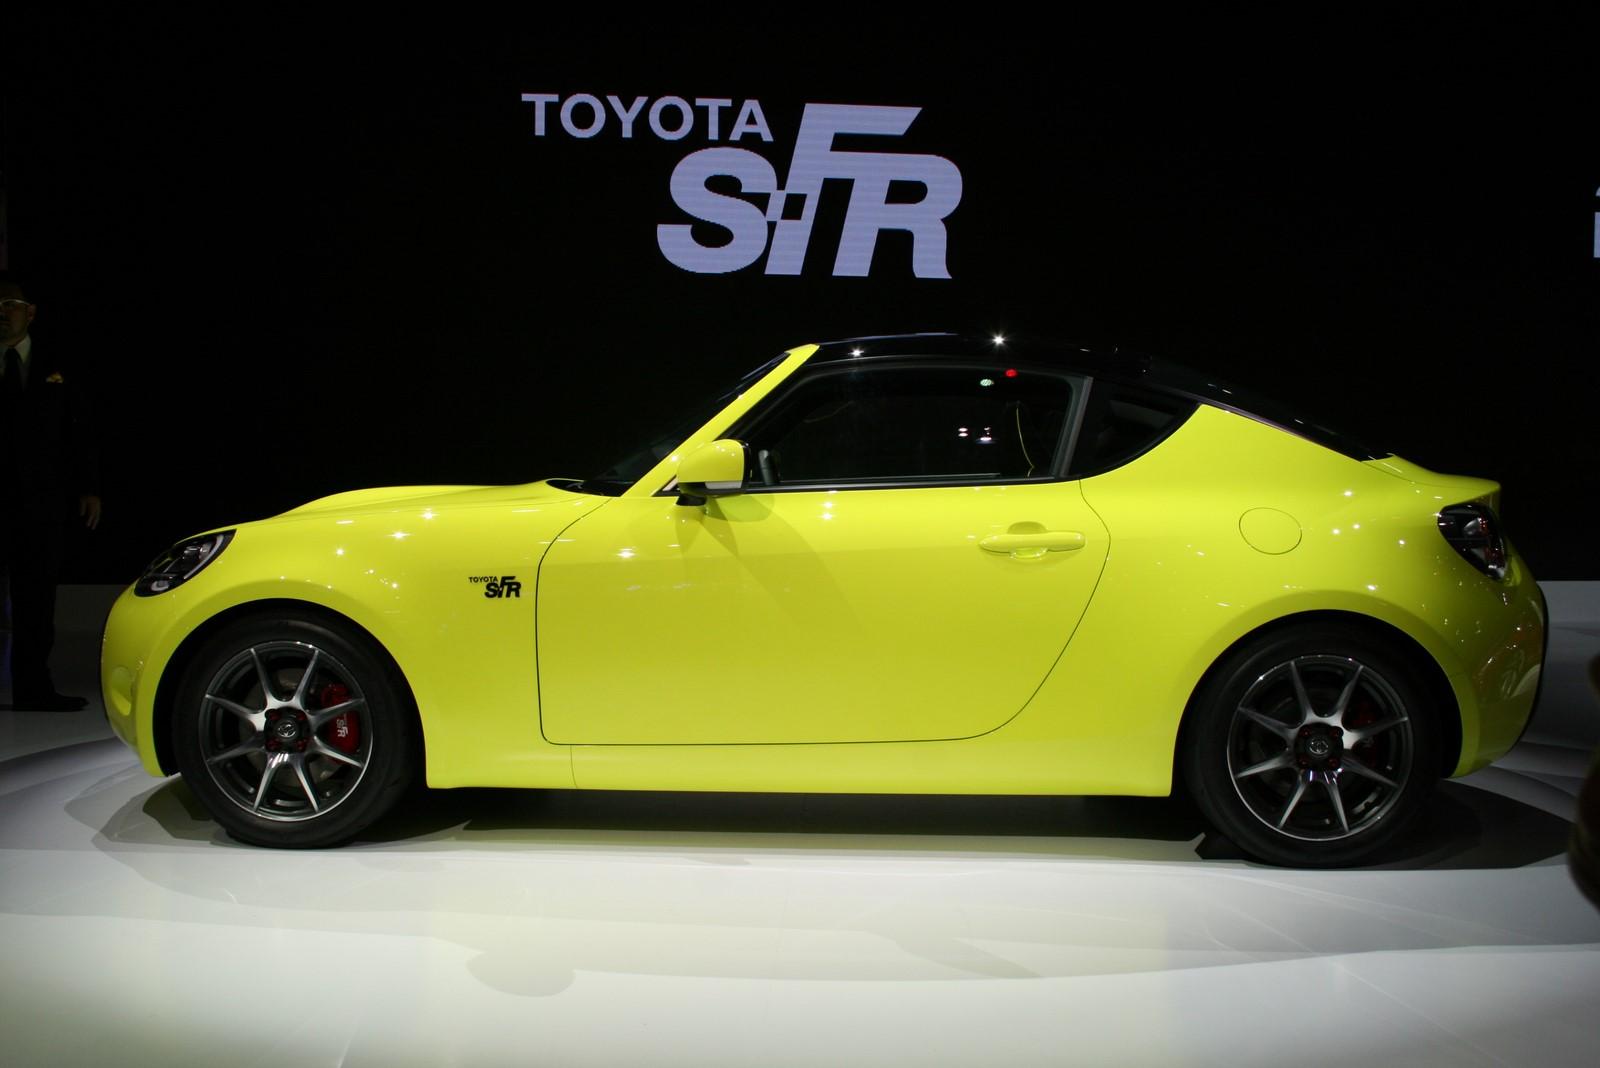 Toyota SFR-6